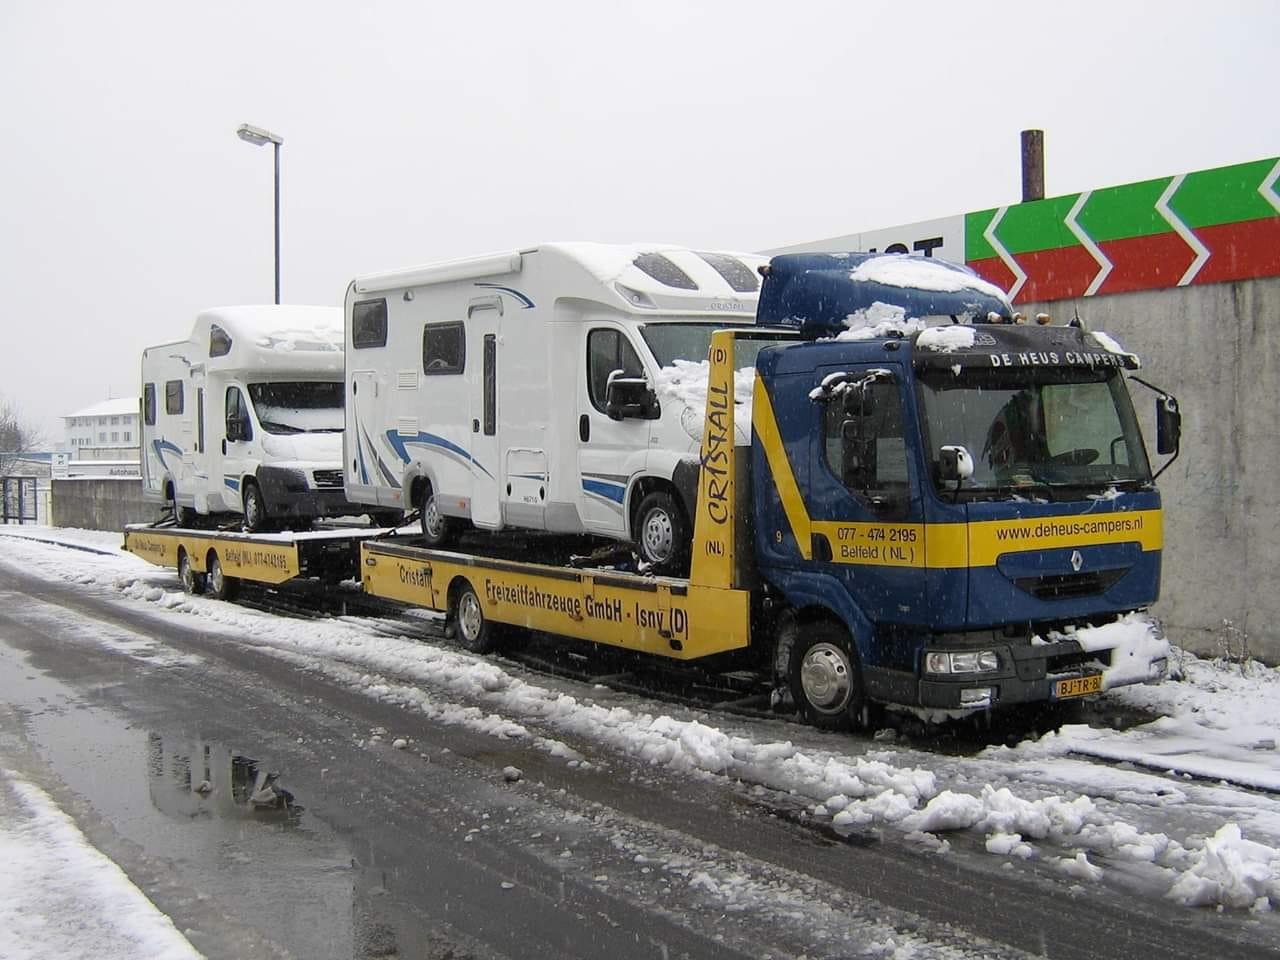 De-Heus-Campers-Belfeld